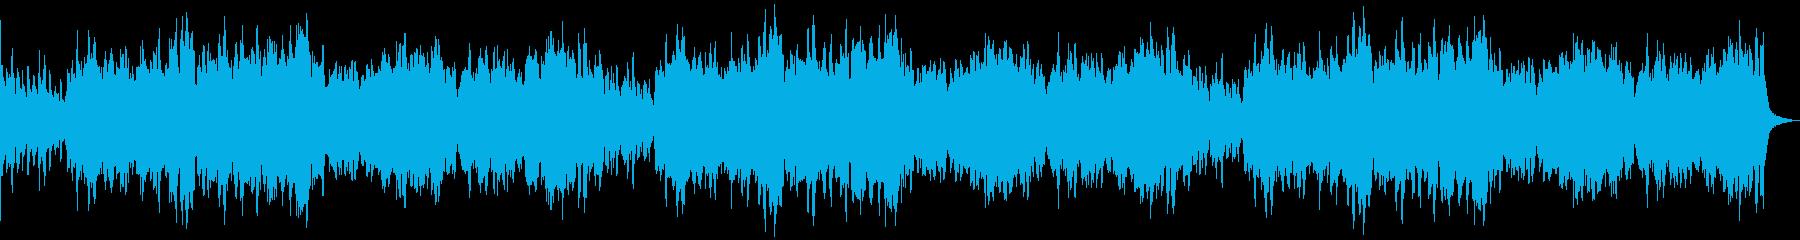 オケ=ワルツ-マイナー重厚の再生済みの波形